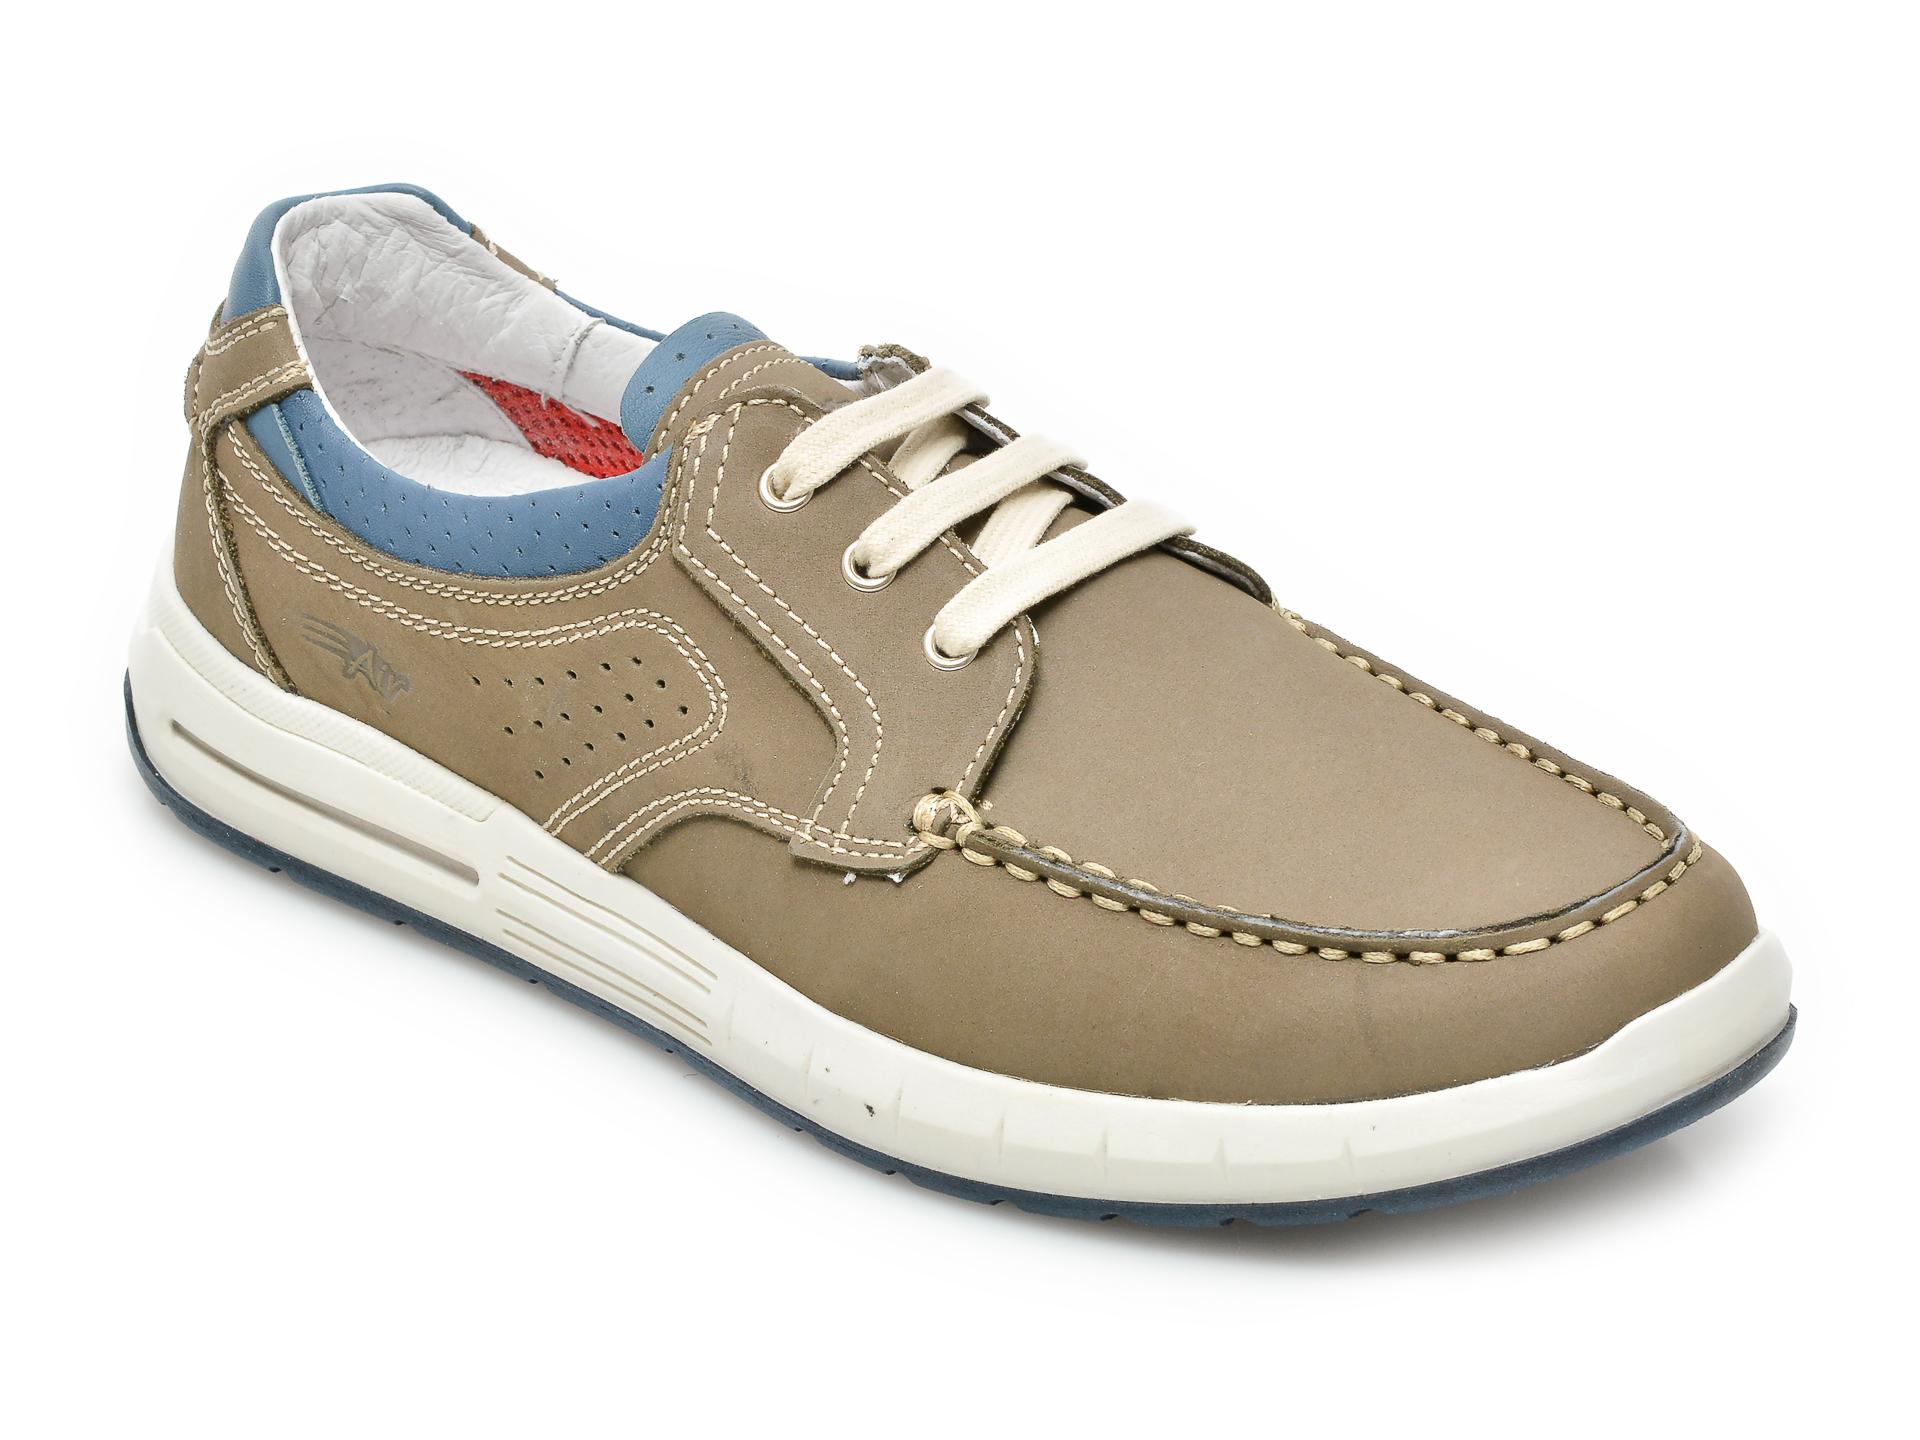 Pantofi OTTER gri, 8192, din nabuc imagine otter.ro